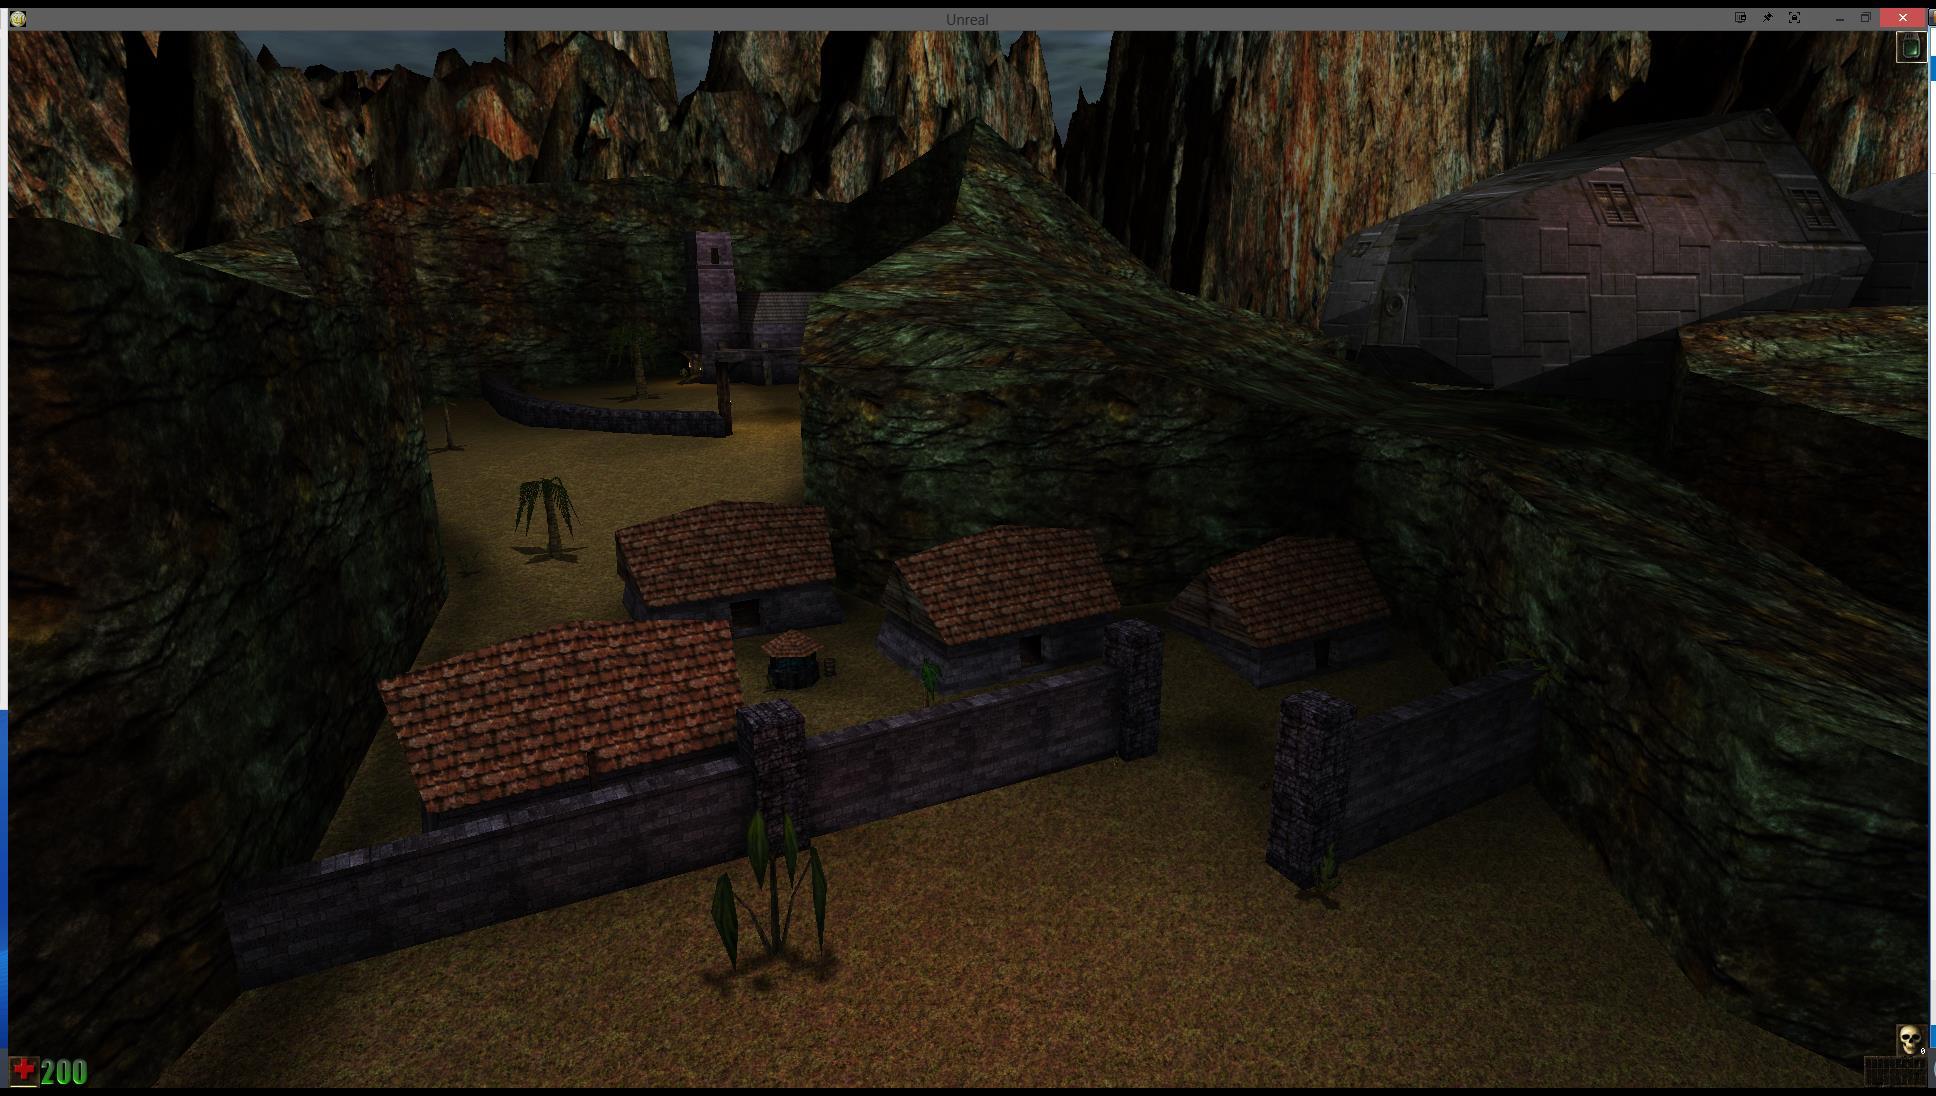 harobed village